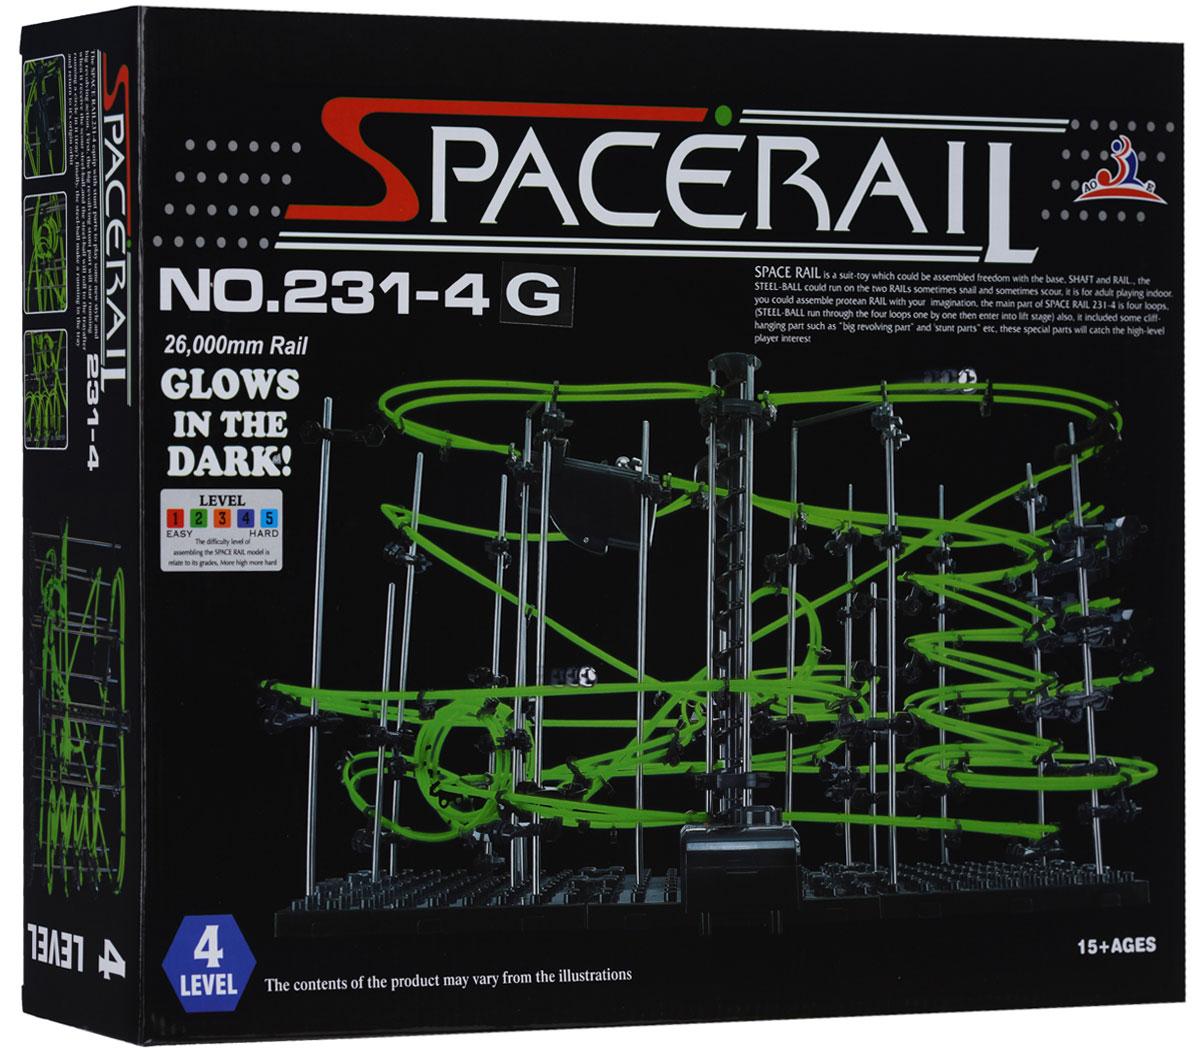 Space Rail Конструктор Glow In The Dark уровень 4231-4GКонструктор Space Rail Glow In The Dark - космическая трасса, представляет собой отличную пространственную головоломку, которая увлечет всю семью от мала до велика! Процесс сборки доставит удовольствие и детям, и родителям, а запуск космической трассы приведет всех в восторг. Вы сможете построить захватывающие дороги общей длиной до 26 метров и сами задать траектории, по которым стремительно будут проноситься металлические шарики. Удивительной особенностью конструкции является то, что рельсовое полотно светится в темноте мягким зеленым светом, делая модель еще более эффектной. Это интереснейший аттракцион, напоминающий американские горки, за которым можно наблюдать часами. Комплект включает элементы для сборки модели, 4 металлических шарика и схематичную инструкцию, которая позволит собрать конструкцию правильно и быстро. Сборка конструктора поможет ребенку развить пространственное мышление и фантазию. Собранная модель станет изюминкой вашего дома и привлечет внимание...